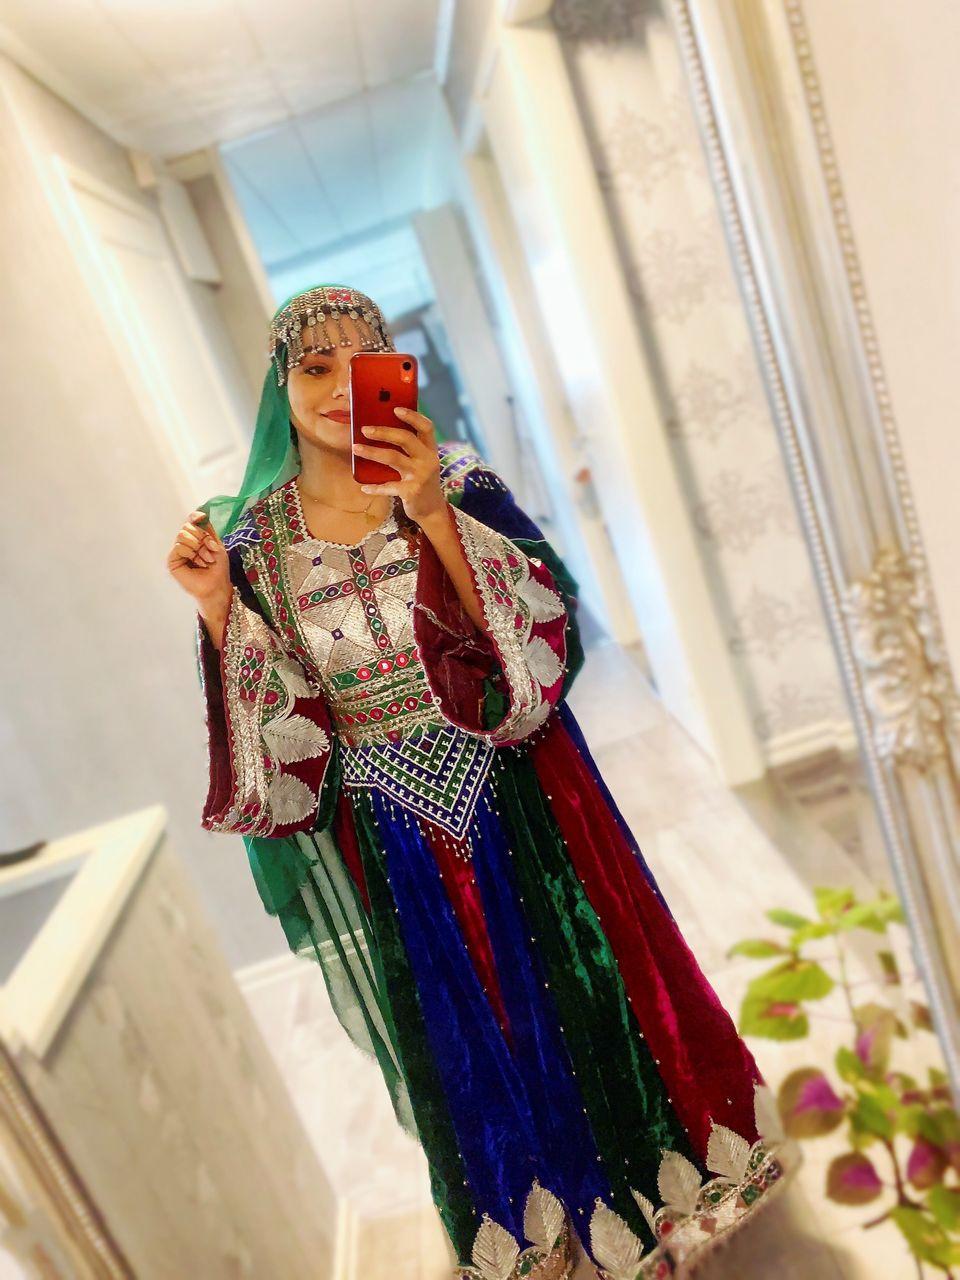 «Ετσι ντυνόμαστε»: Αφγανές γυναίκες στο εξωτερικό απαντούν για τη διαμαρτυρία υπέρ των